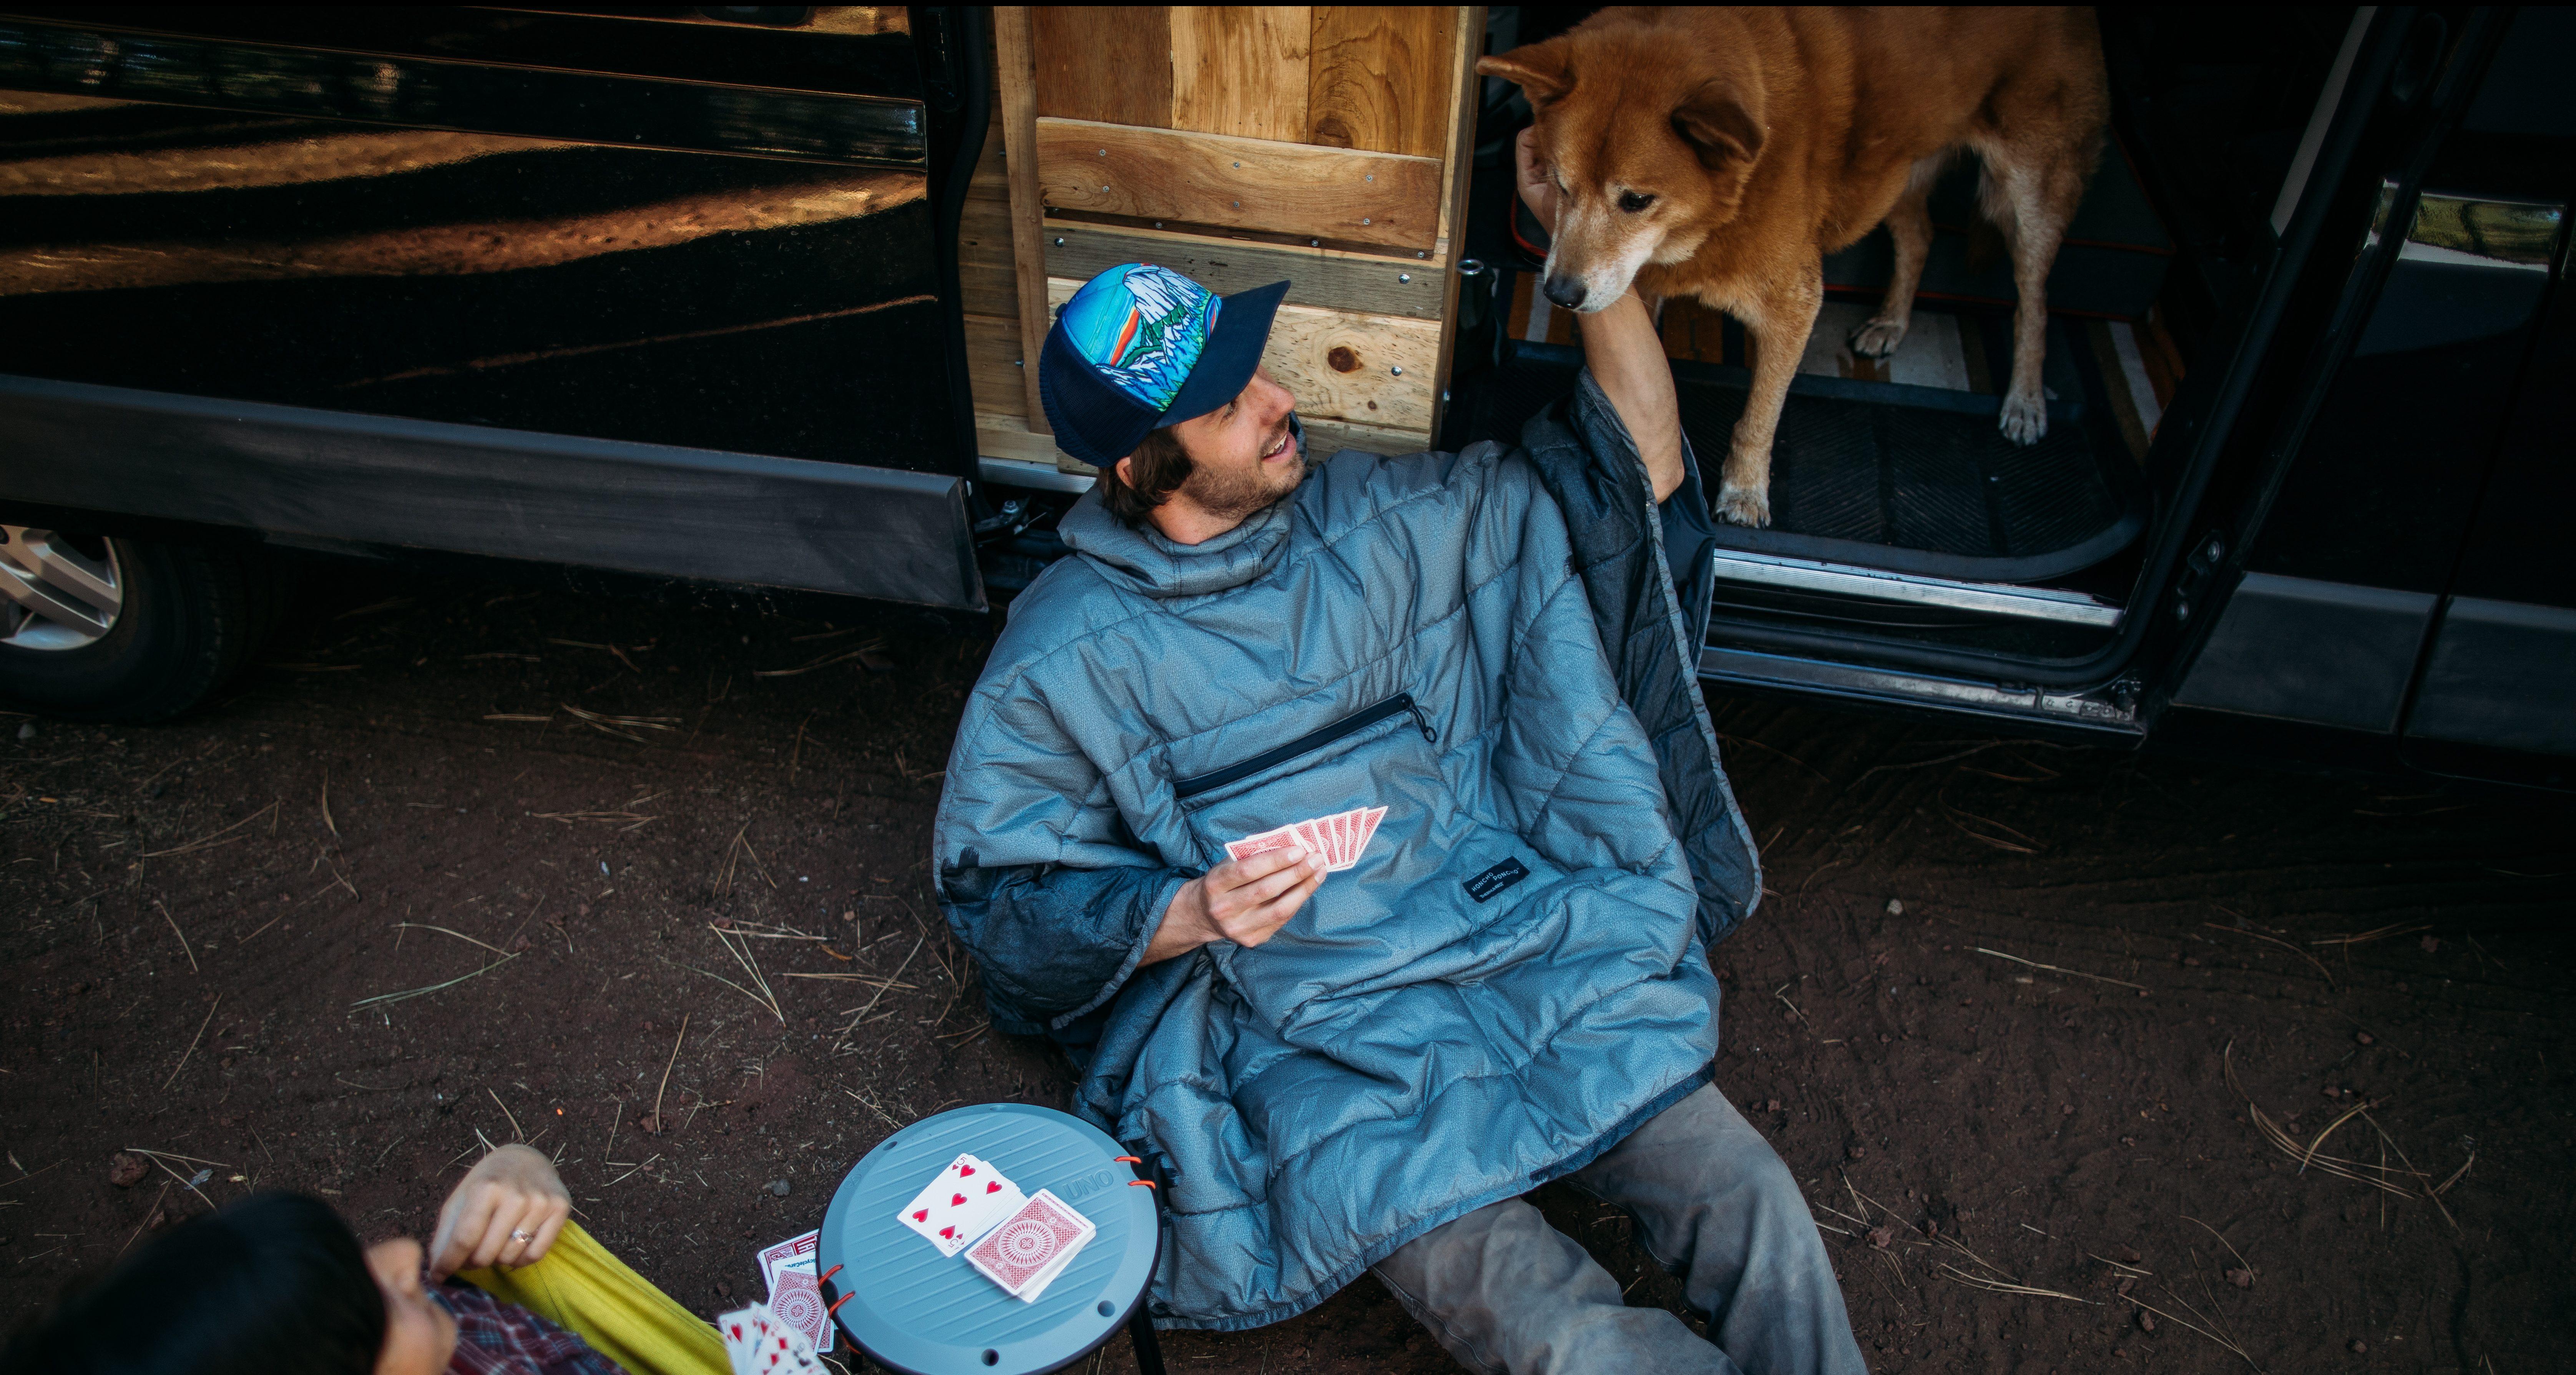 Car Camping Poncho